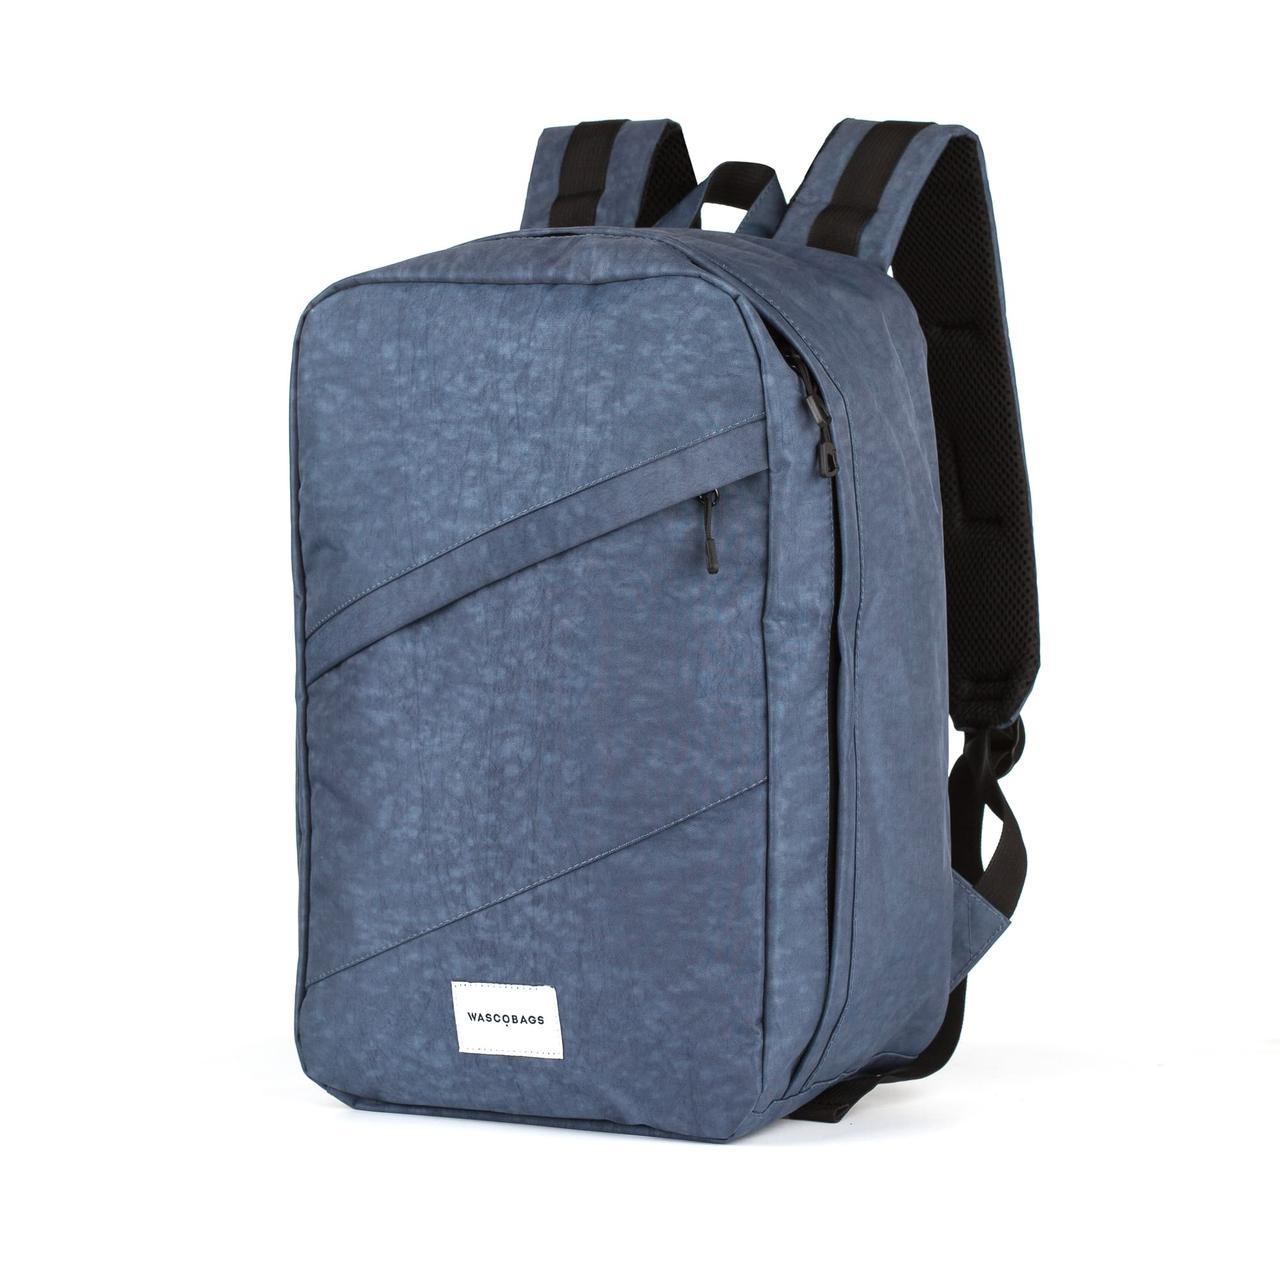 Рюкзак для ручной клади Wascobags 40x20x25 RW Графит NL